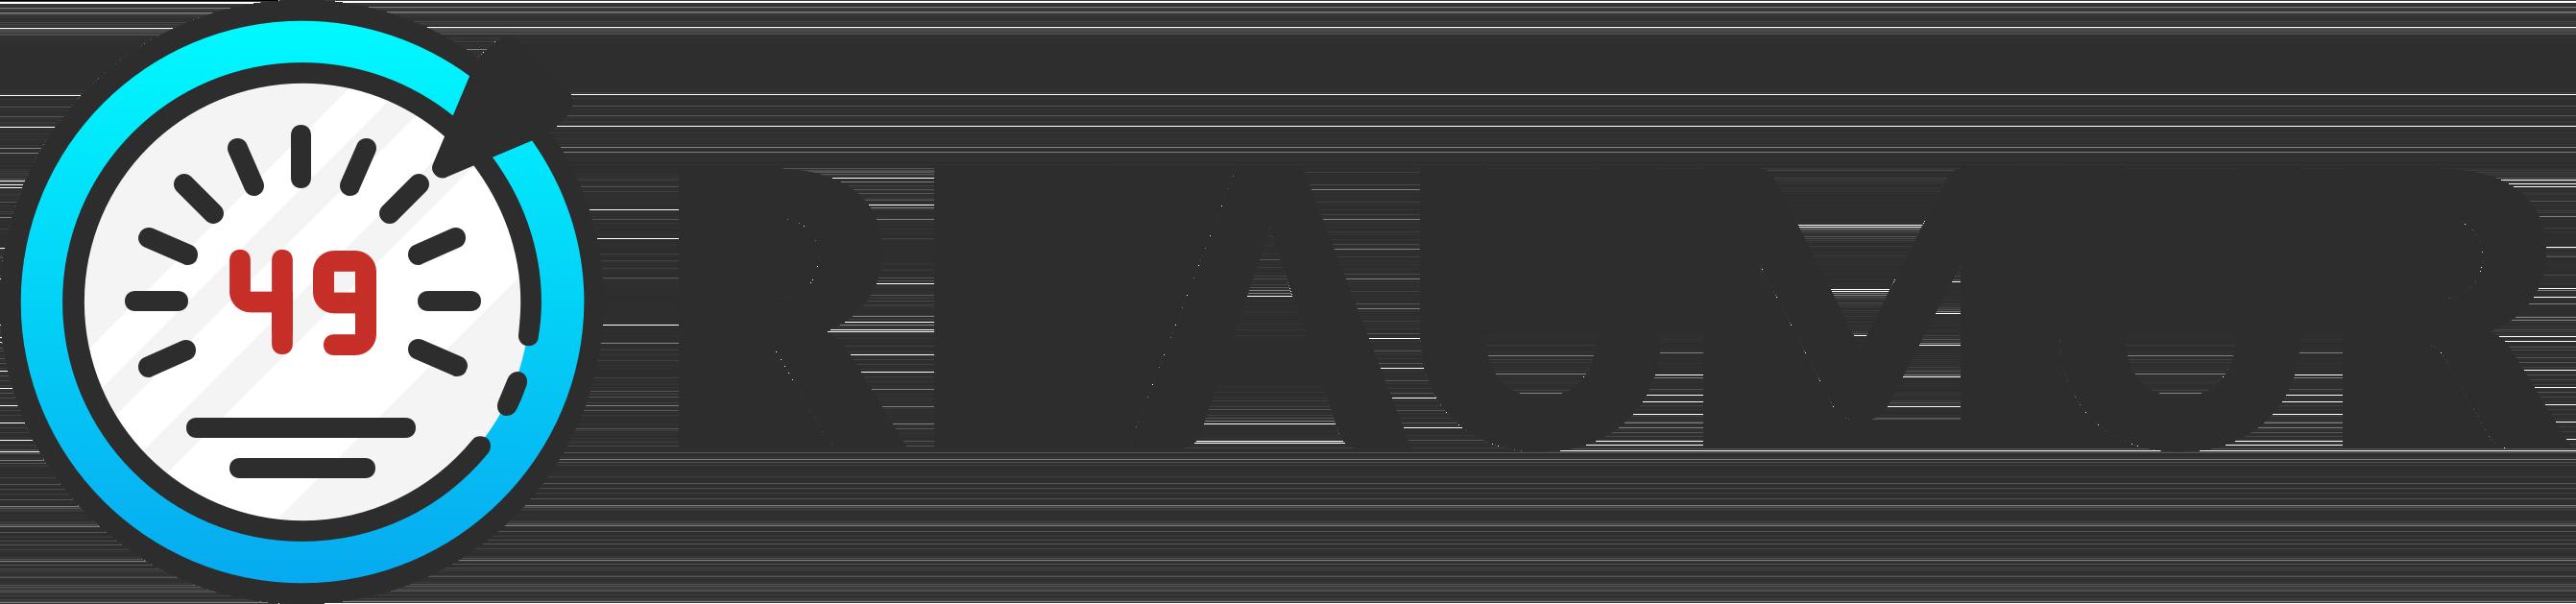 Reaumur Server